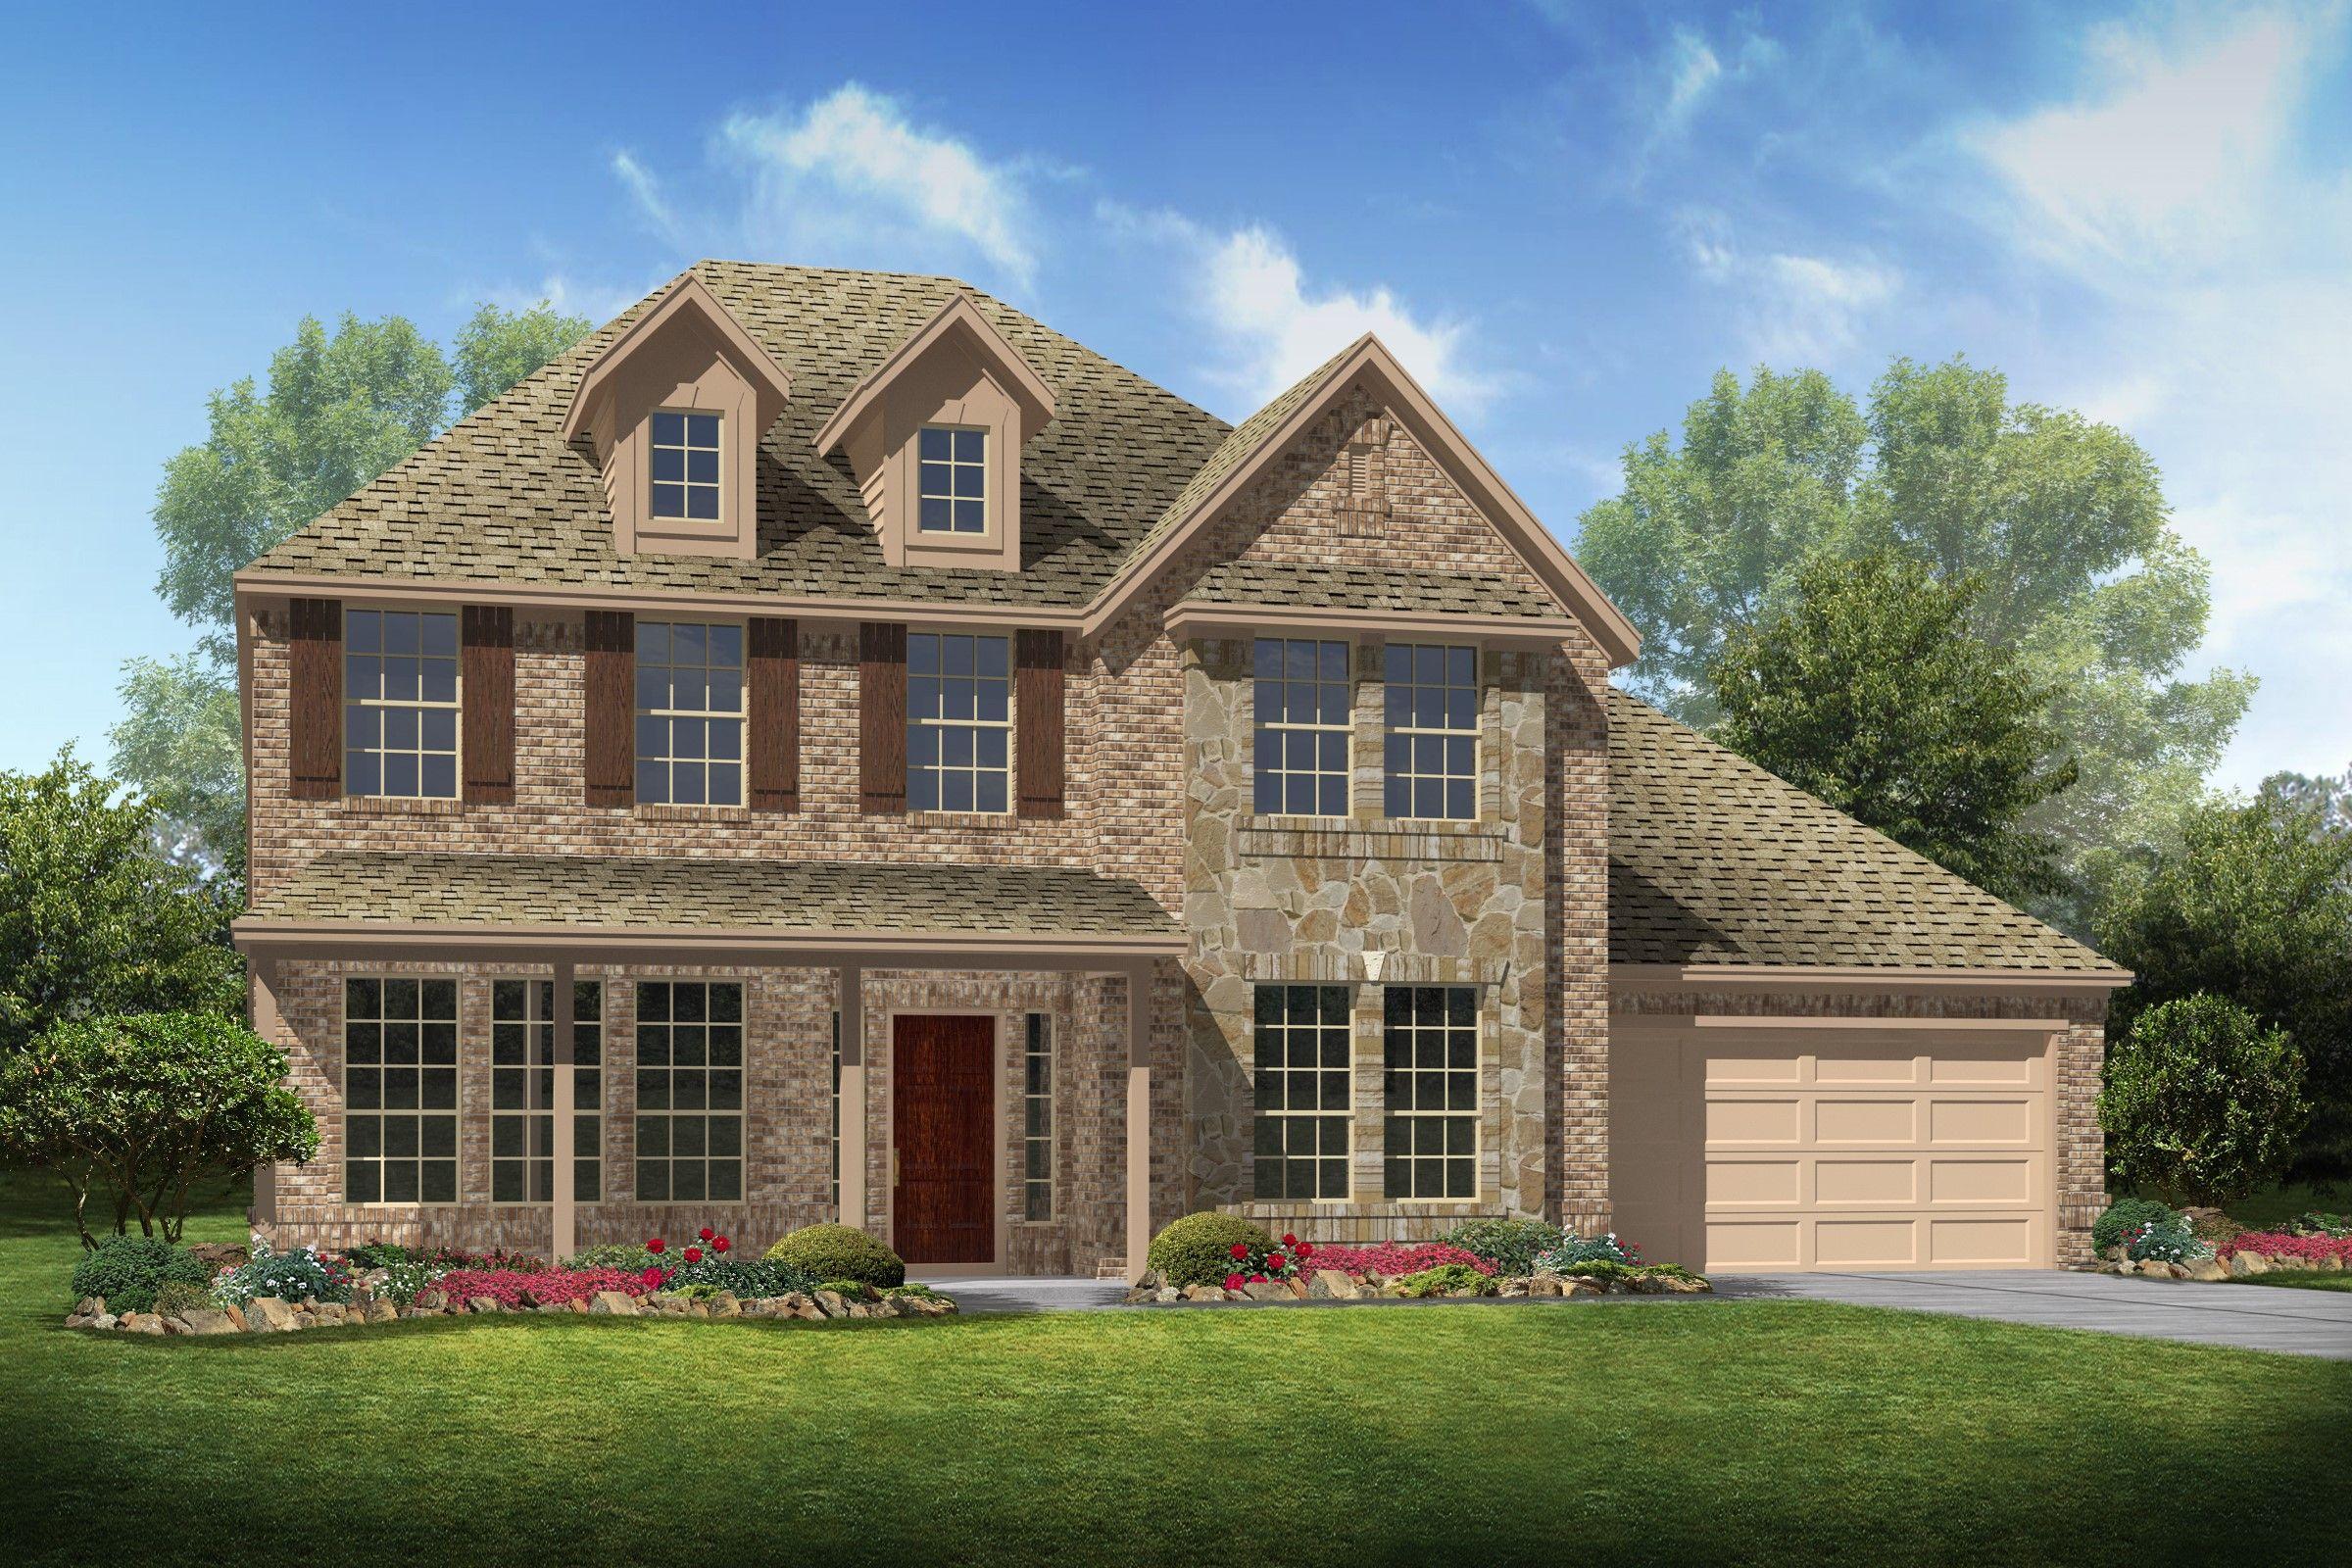 Single Family for Sale at Stanley 2023 Opal Field Lane, Homesite 34 Rosenberg, Texas 77469 United States